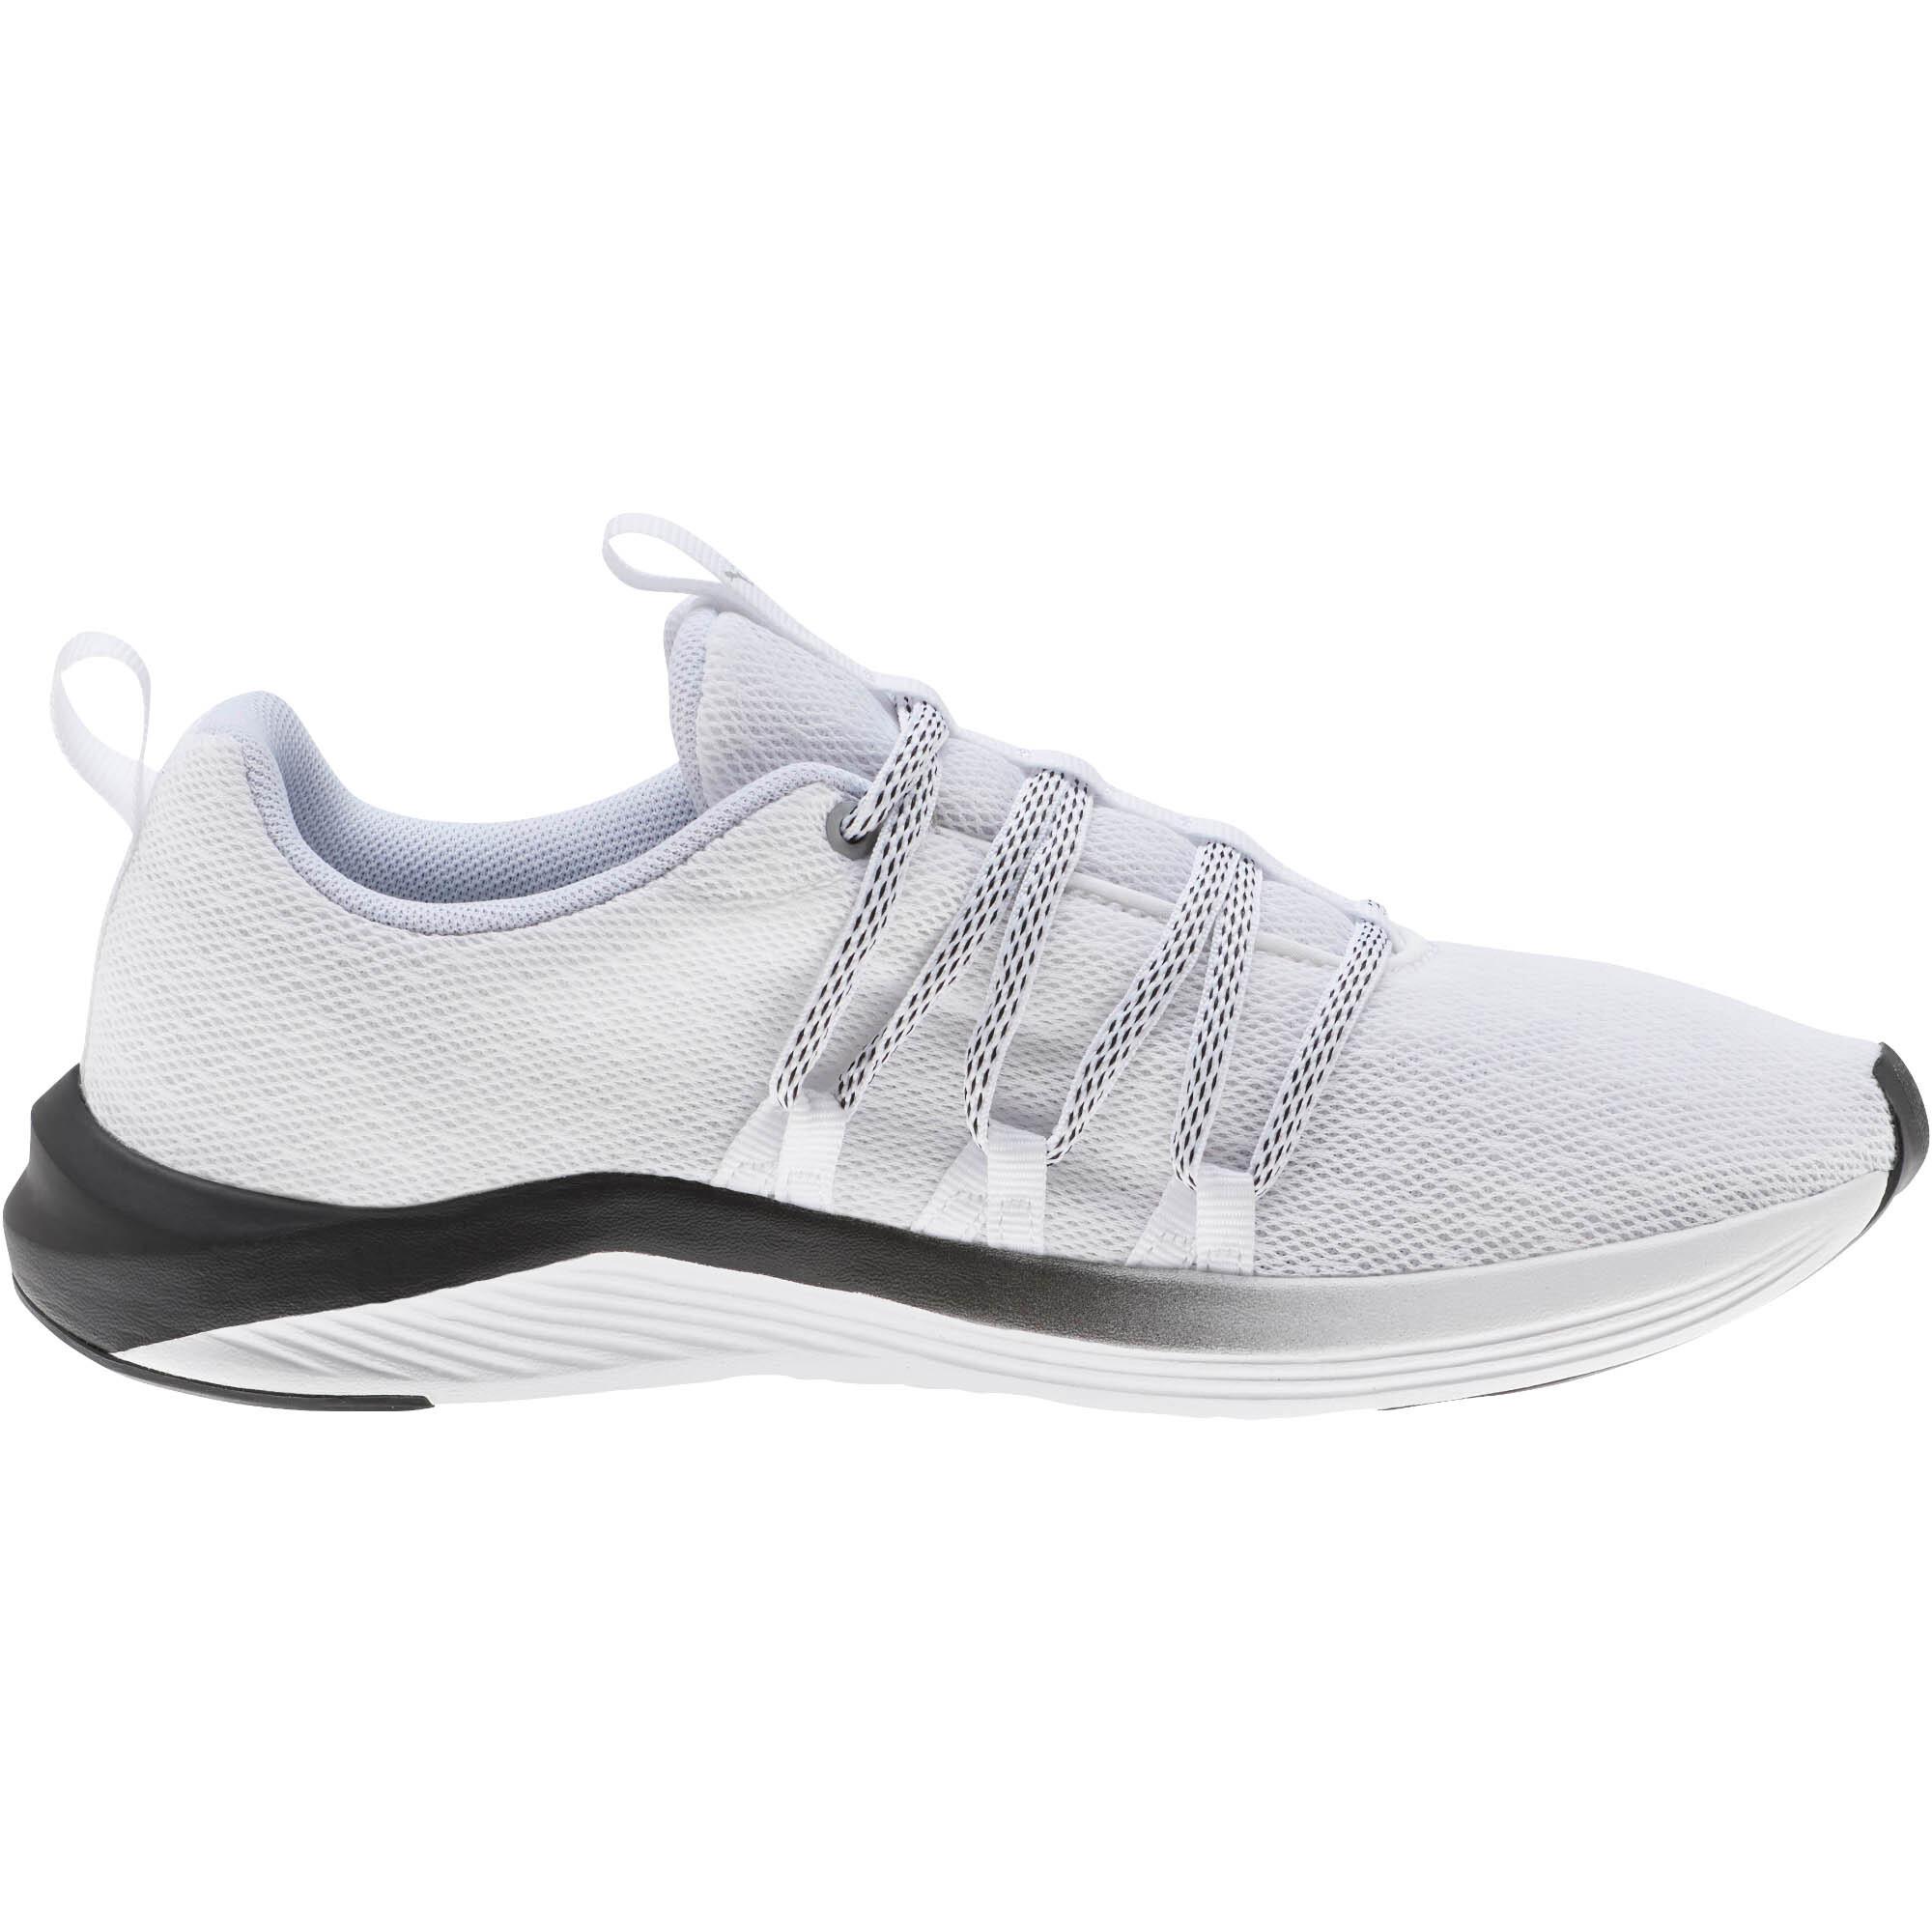 PUMA-Prowl-Alt-Fade-Women-s-Training-Shoes-Women-Shoe-Training thumbnail 10